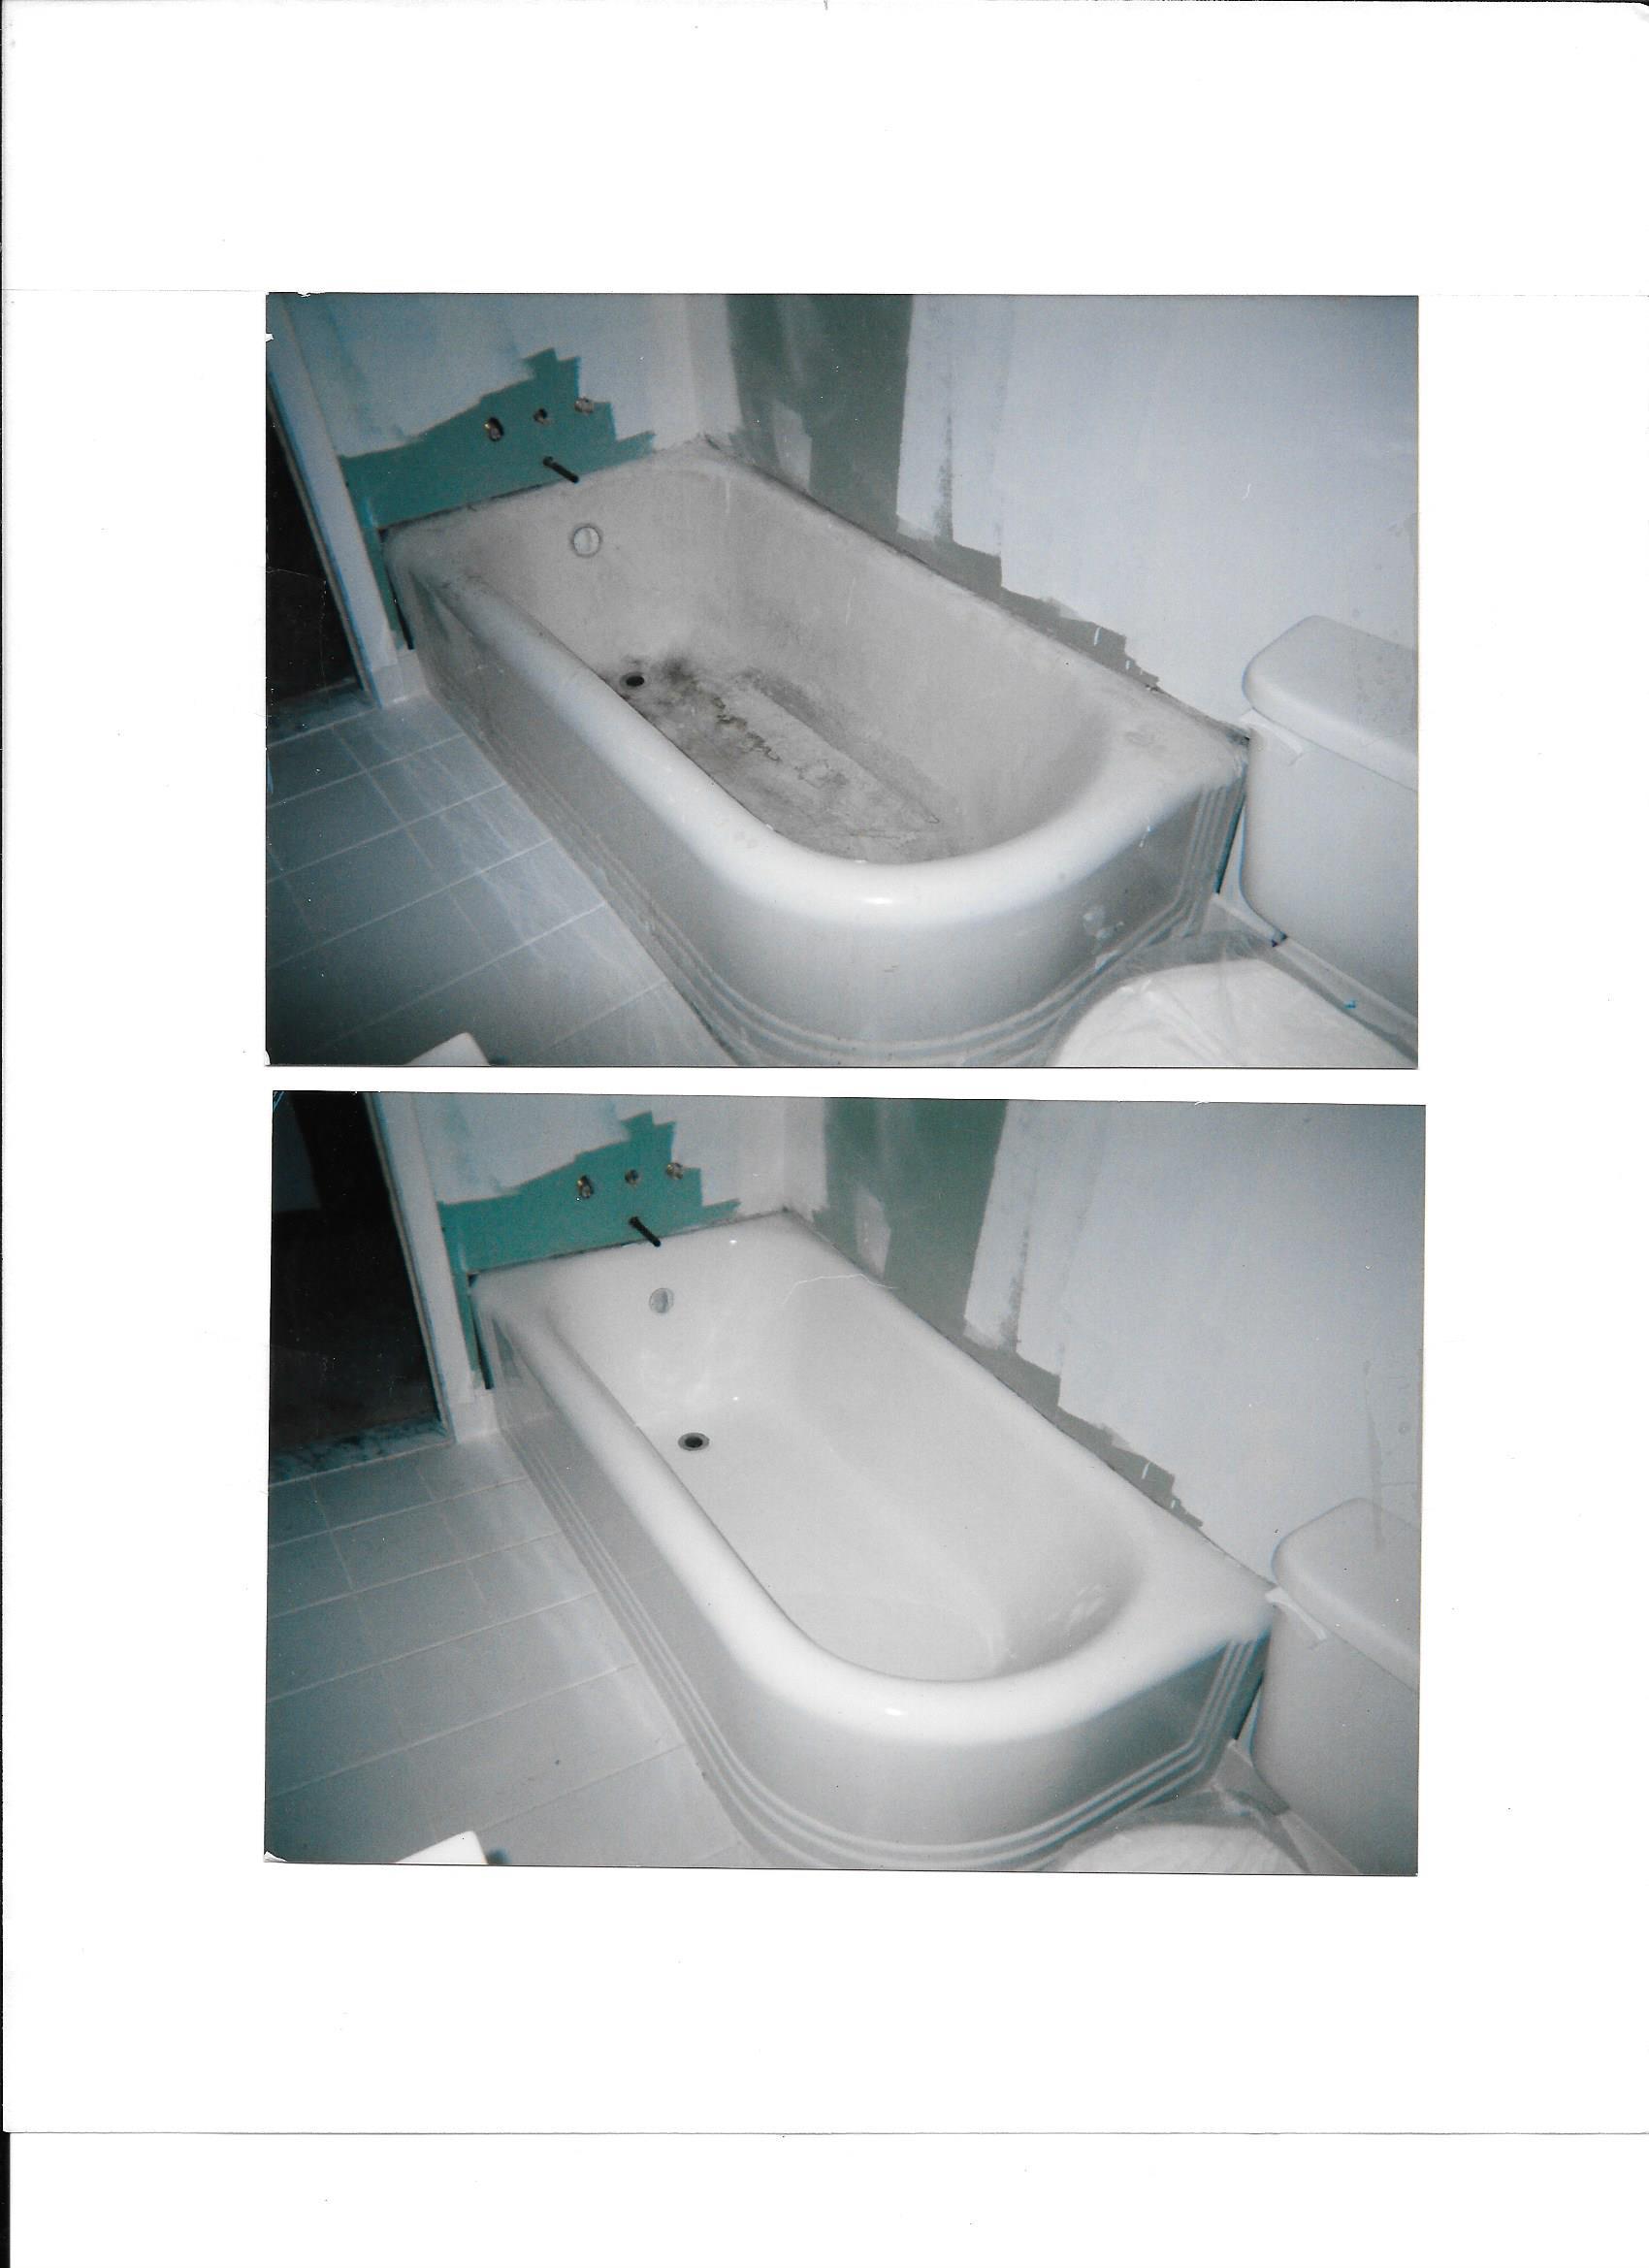 Bathtub Refinishing image 2